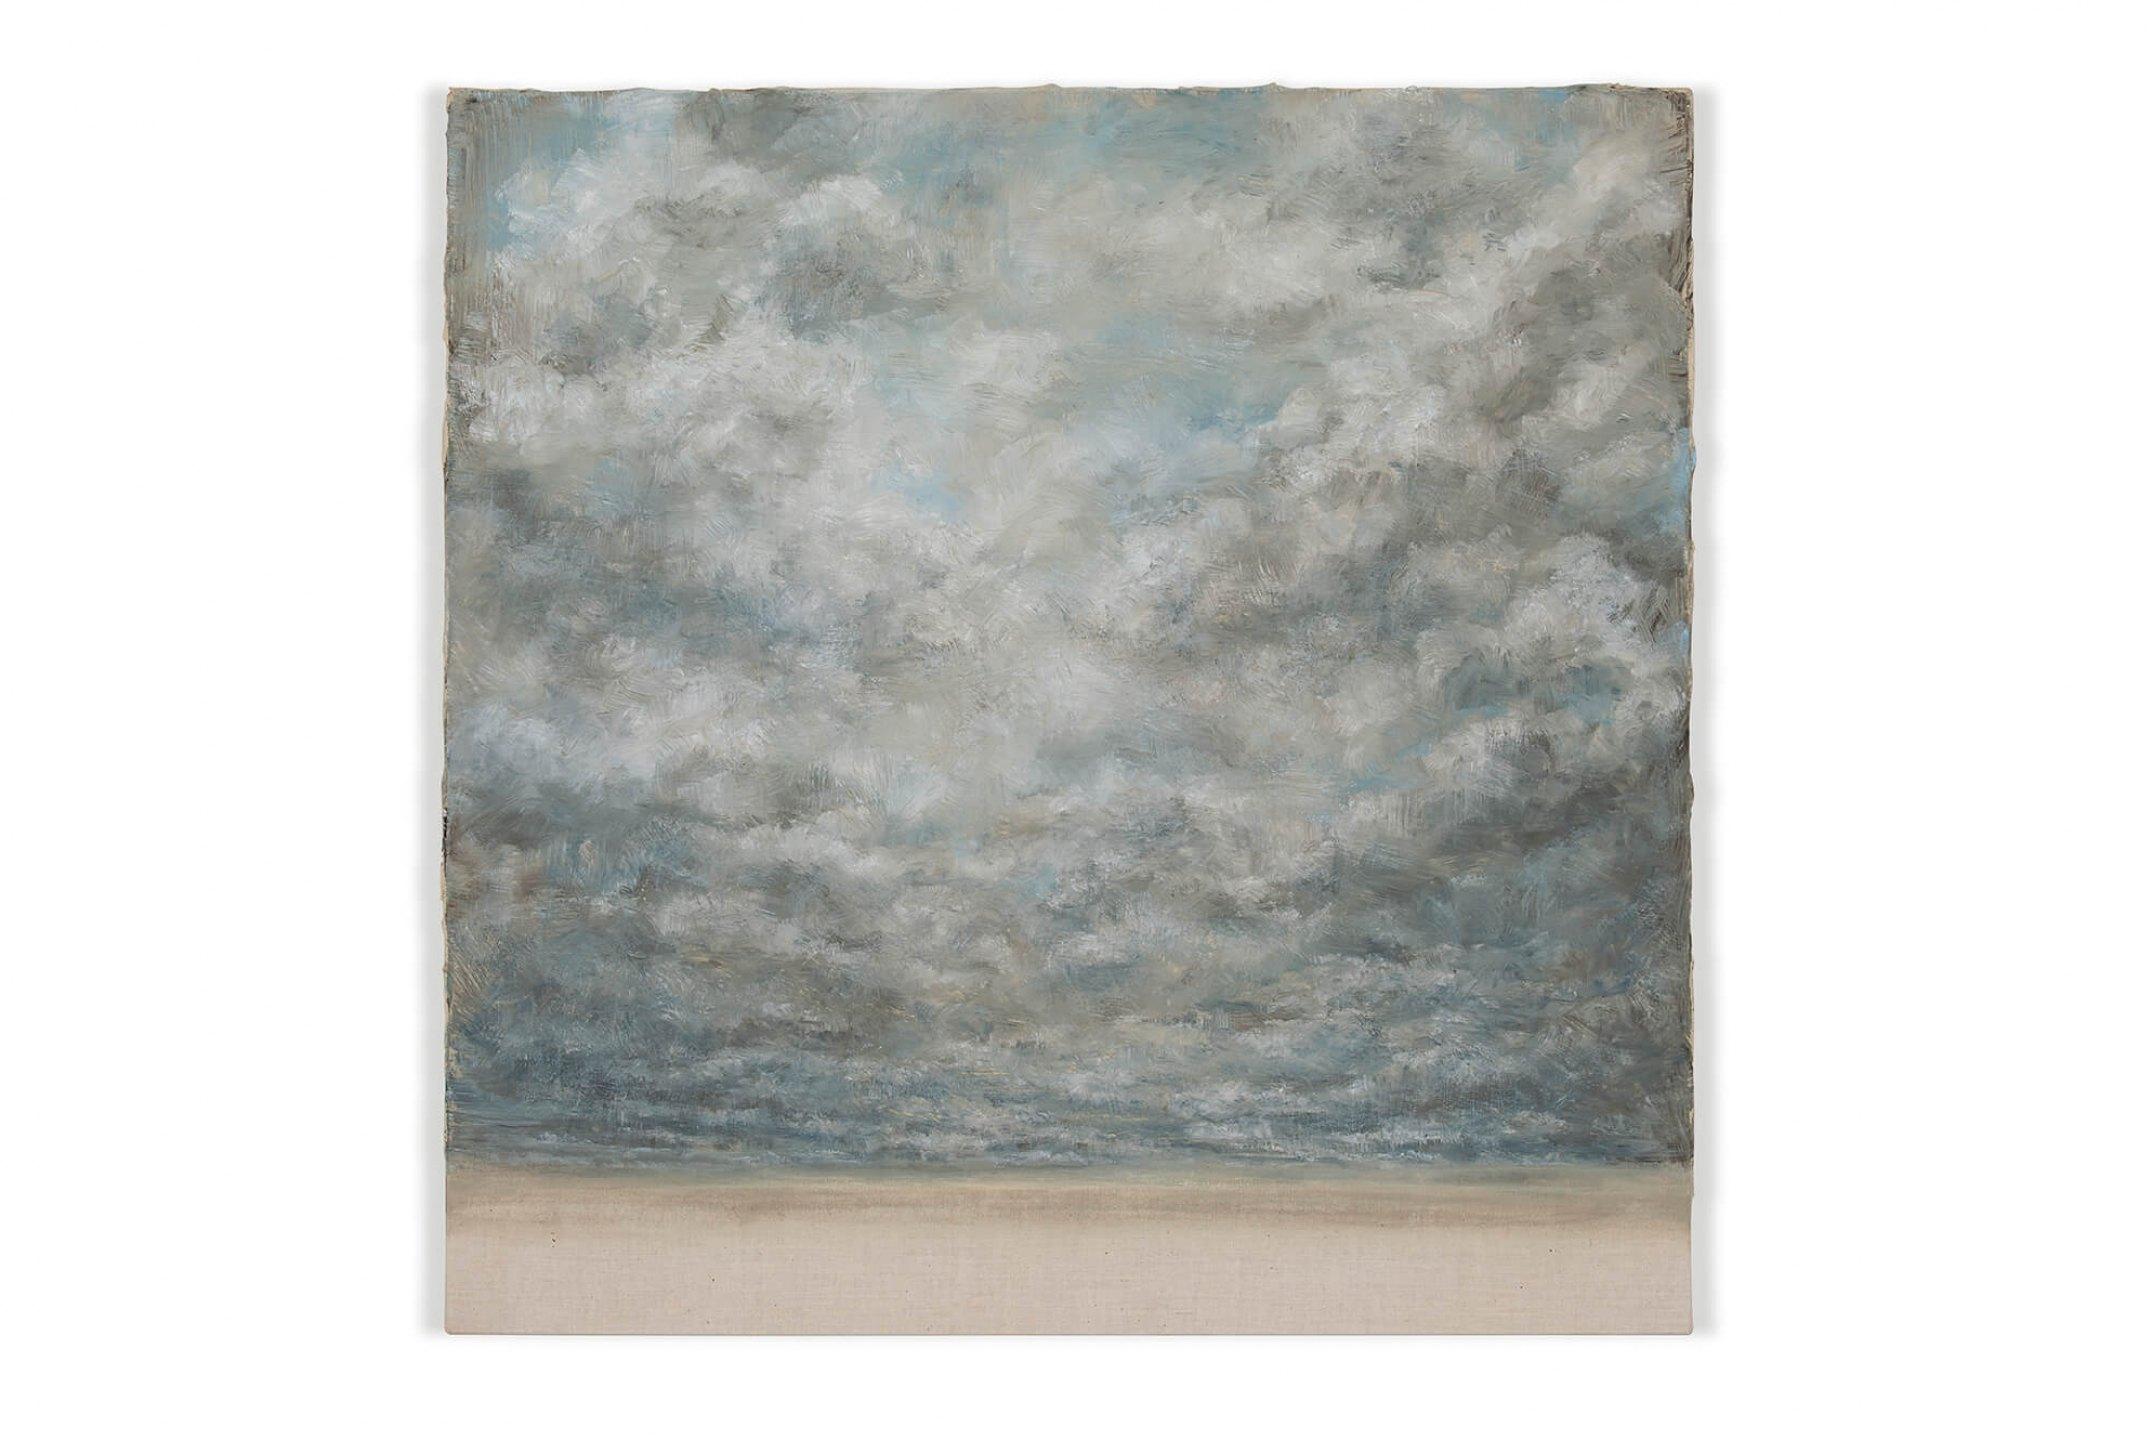 Lucas Arruda,&nbsp;<em>untitled</em>, 2014, oil on canvas, 50 × 50 cm - Mendes Wood DM